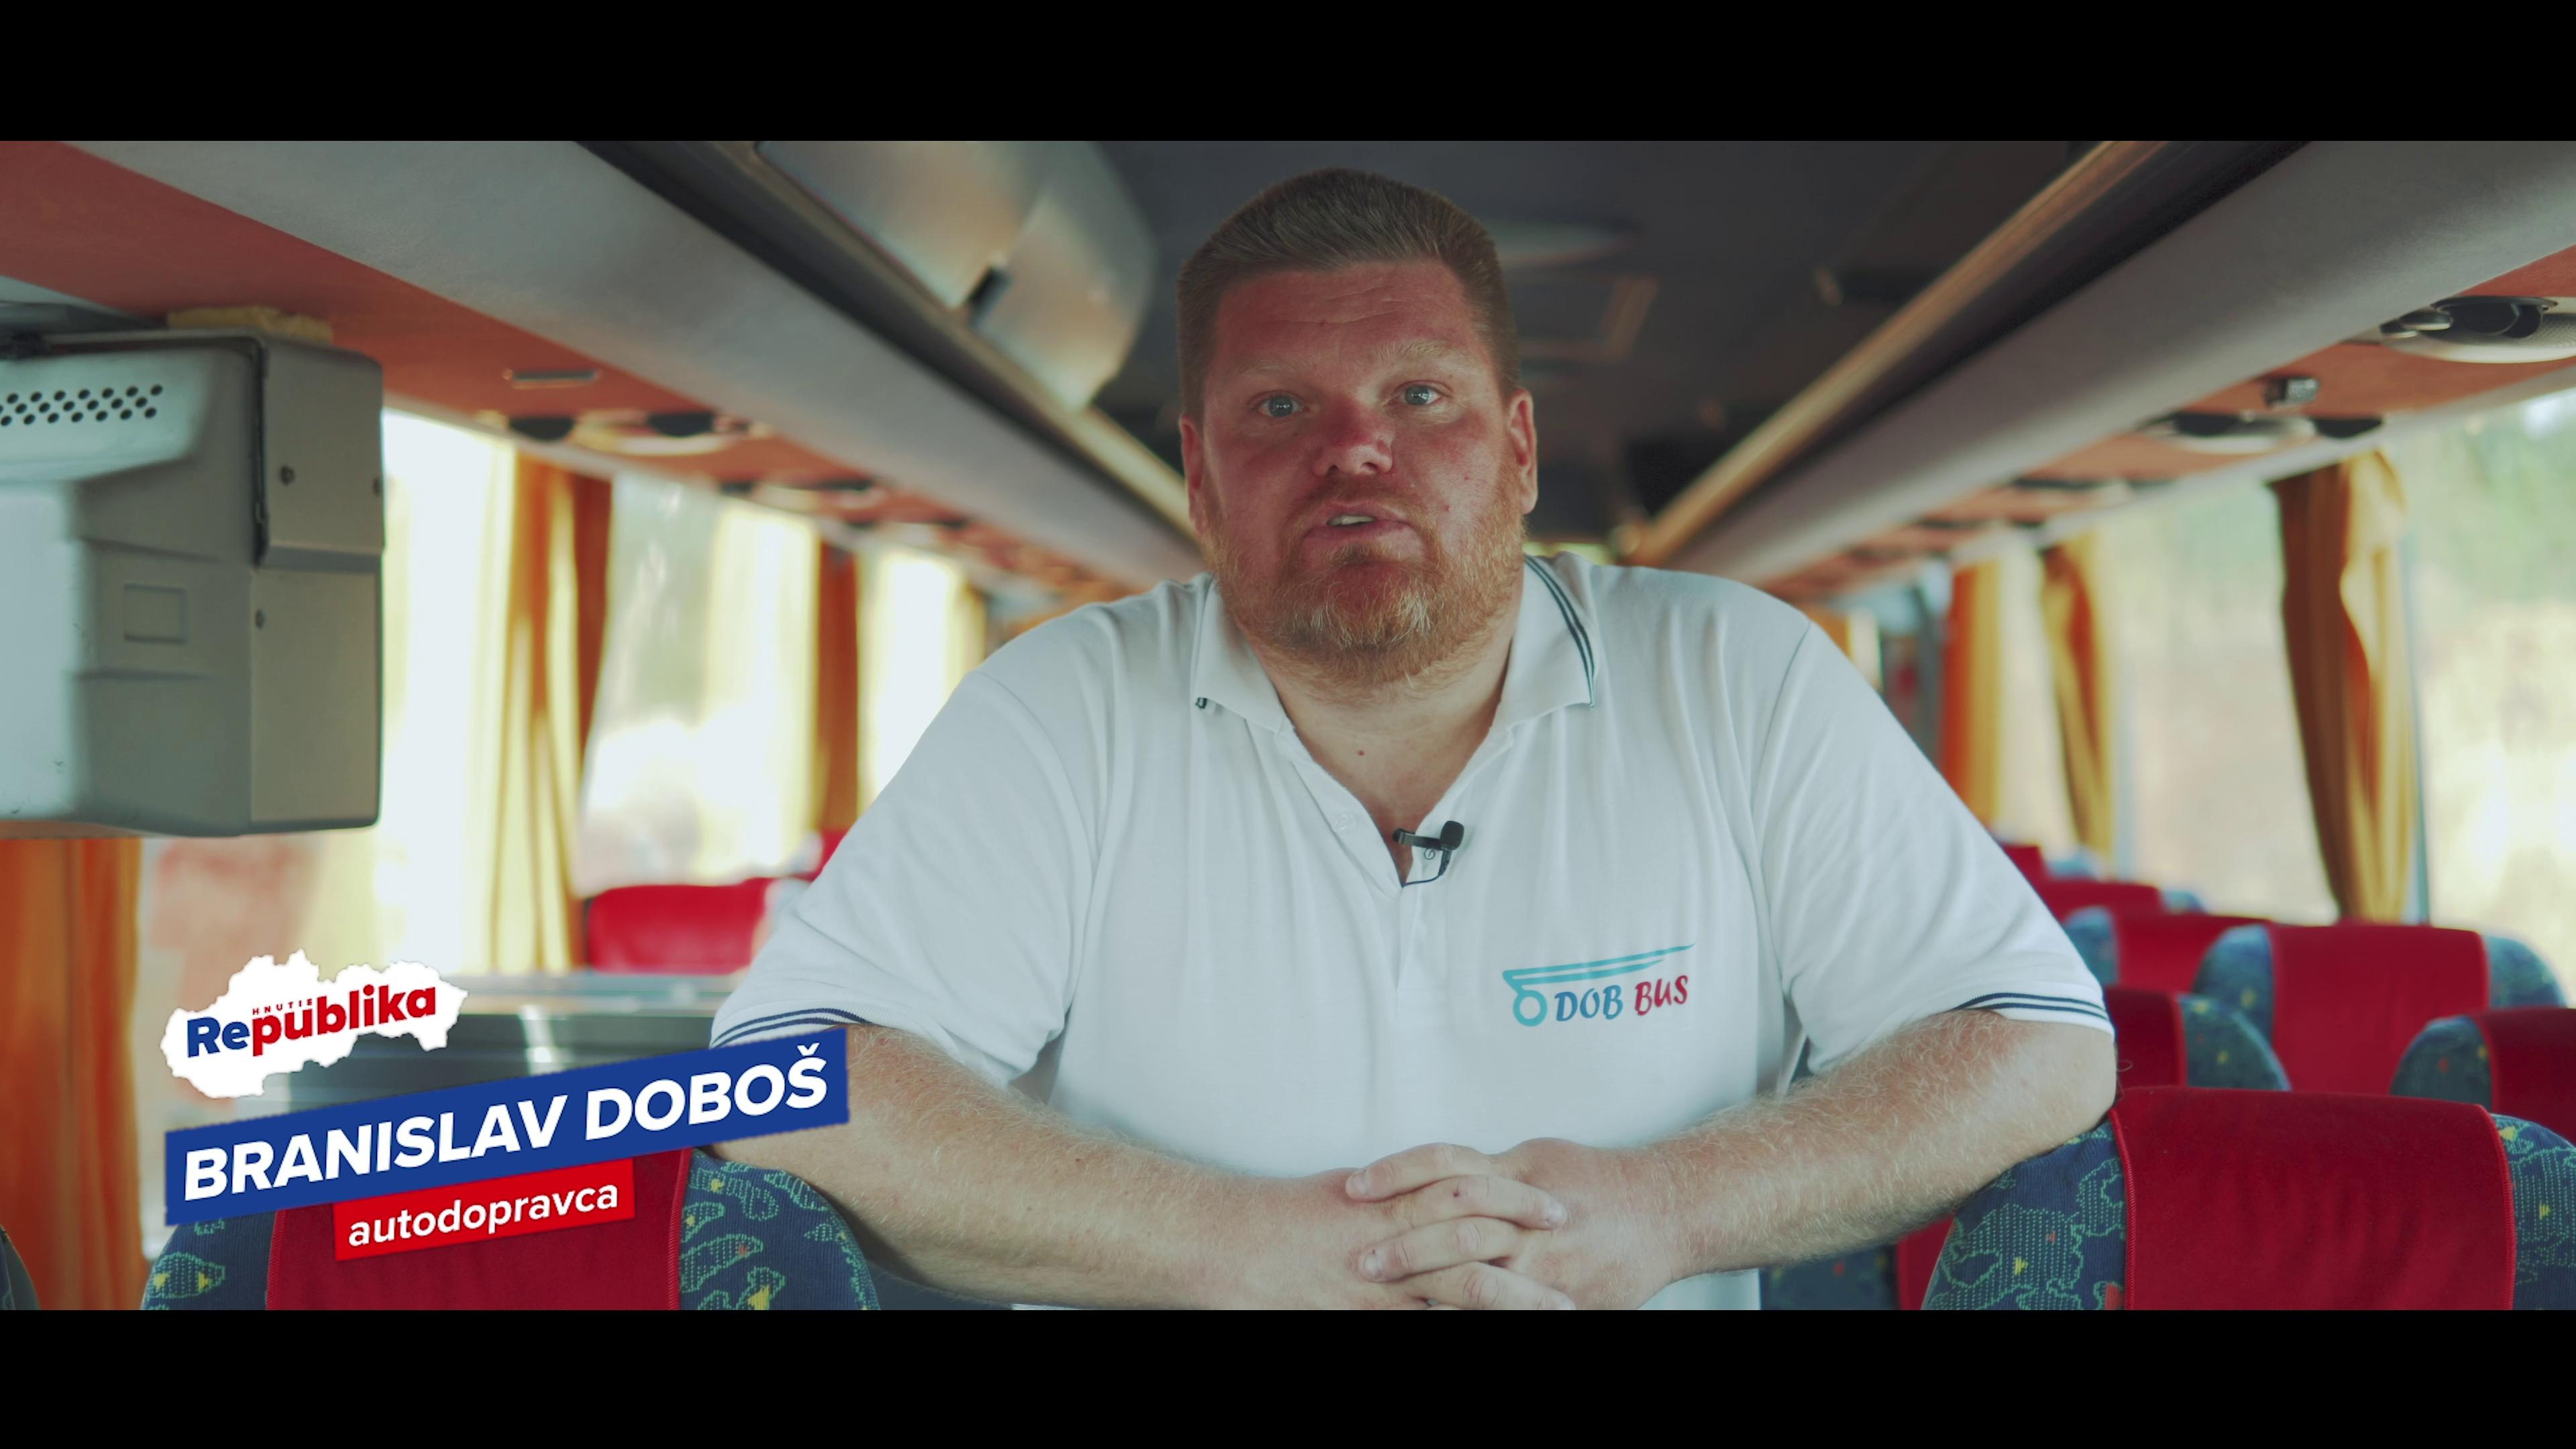 Predseda zväzu súkromných autobusových dopravcov Branislav Doboš sa pridáva k REPUBLIKE